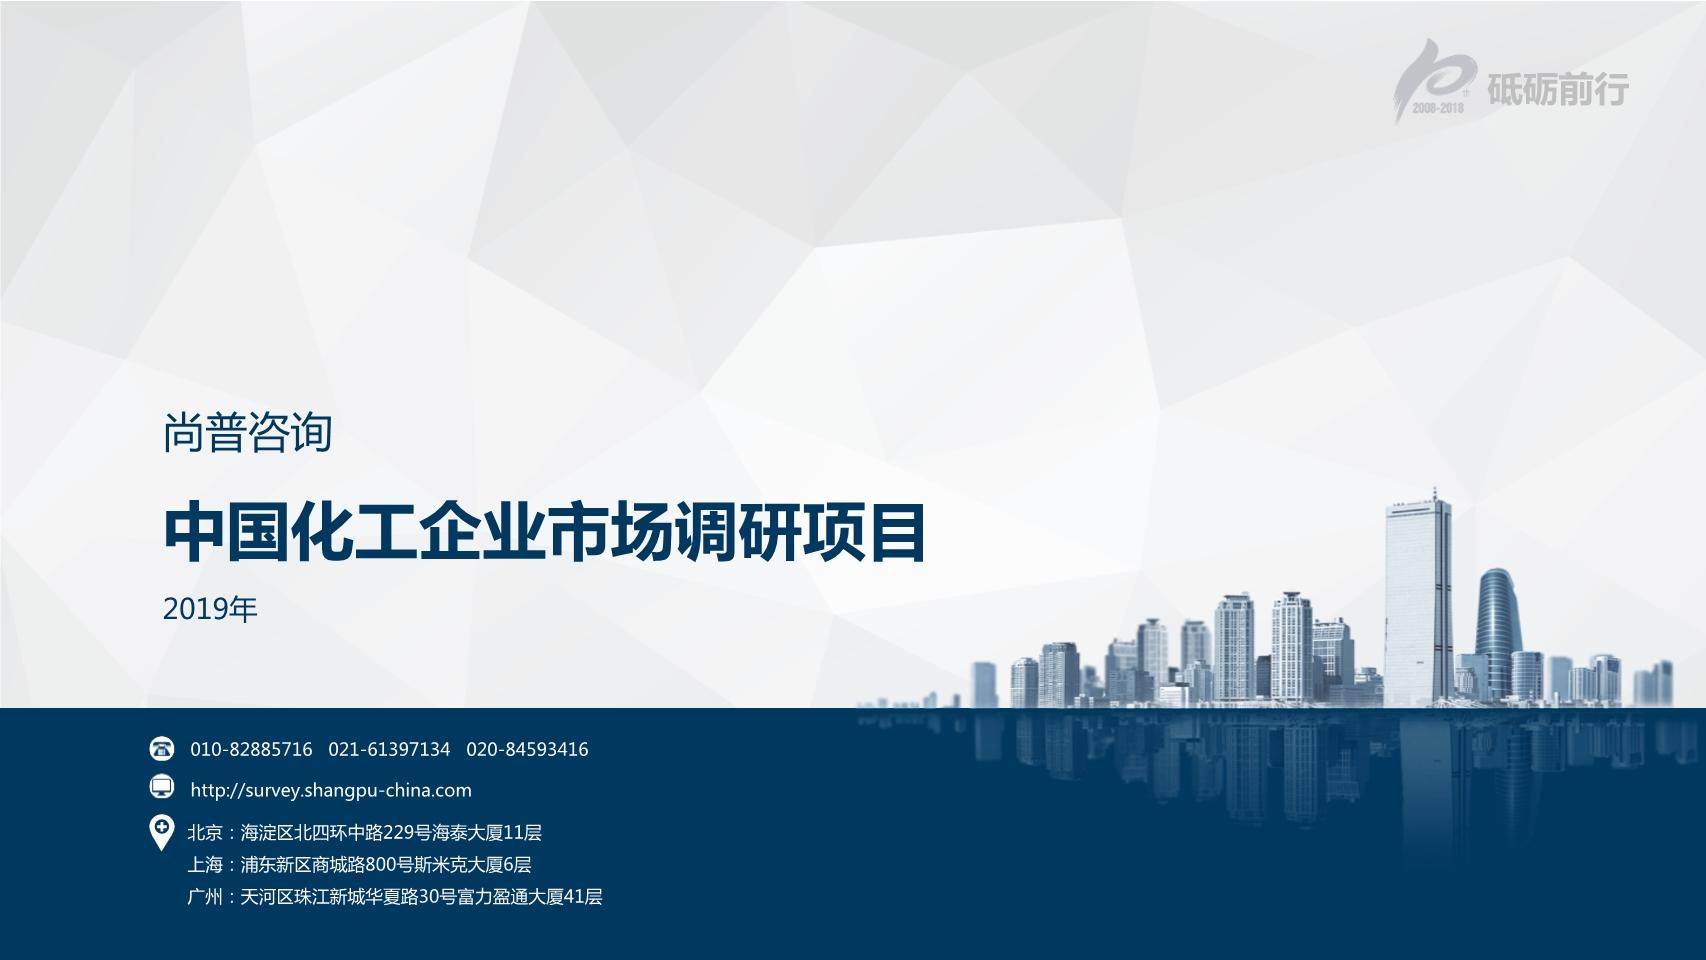 尚普咨询-中国化工企业市场调研项目